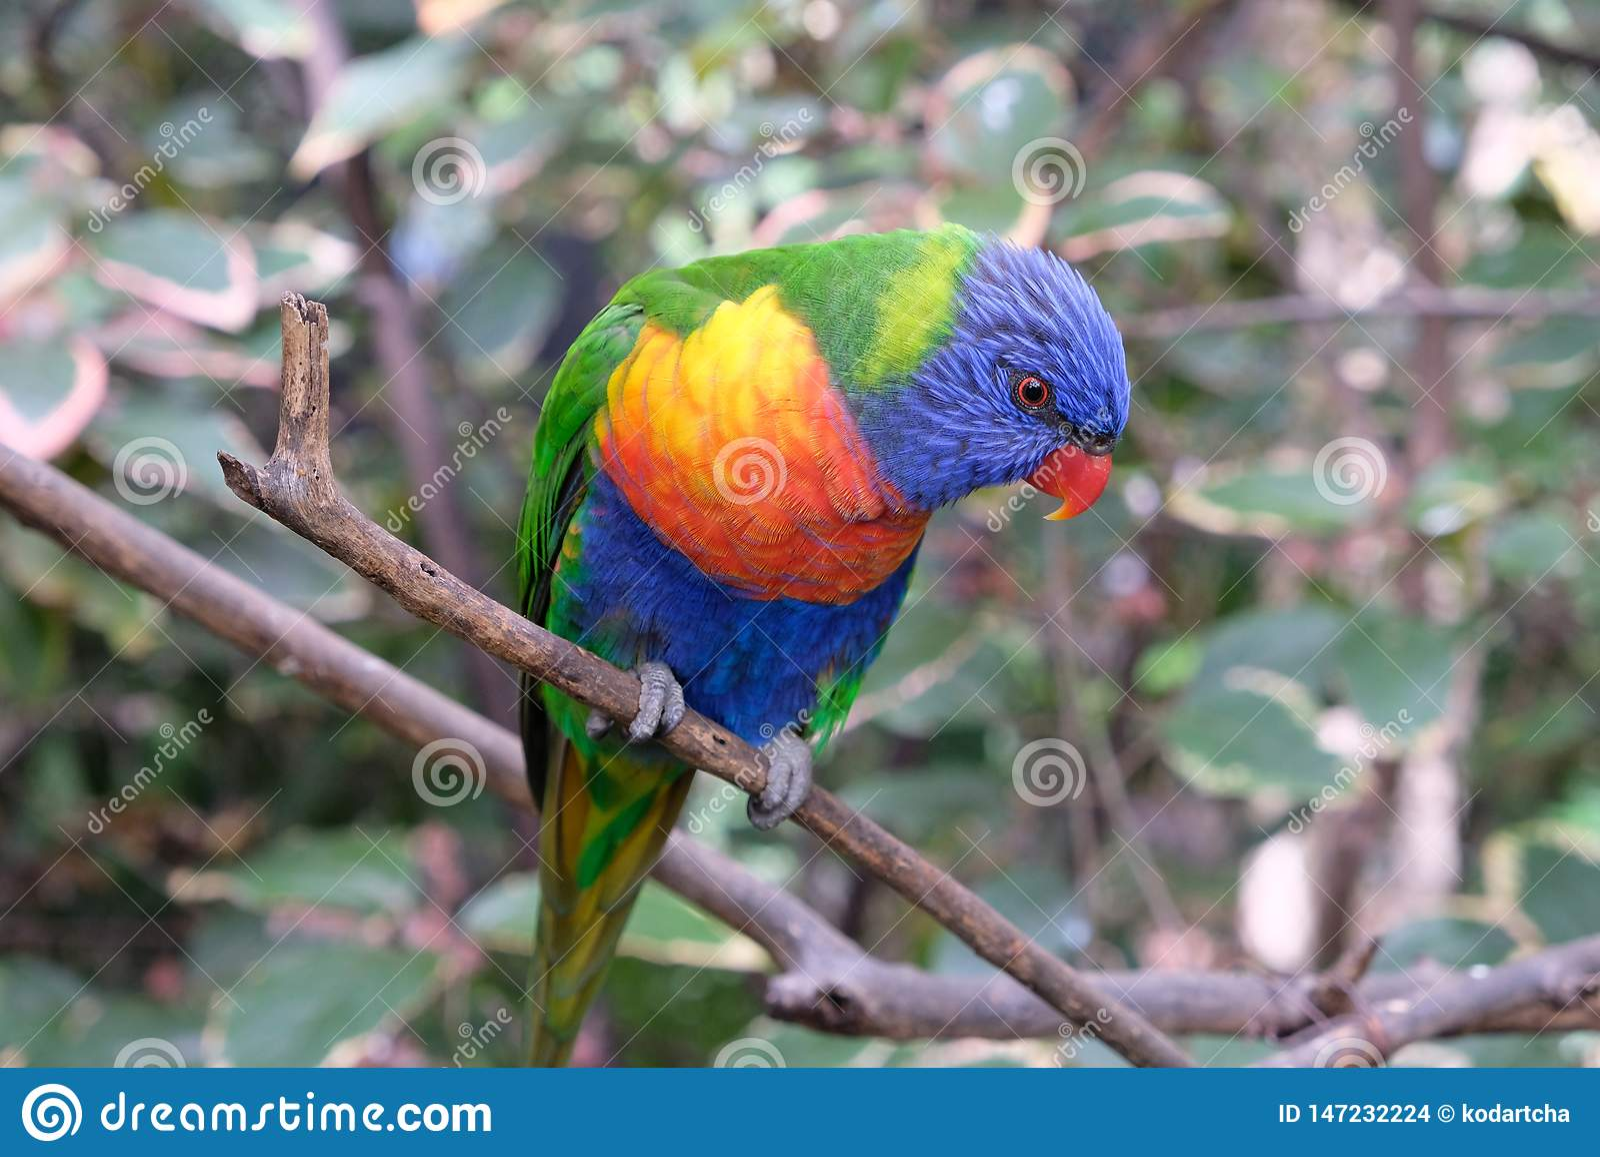 Сиротливый длиннохвостый попугай радуги на ветви дерева в плене